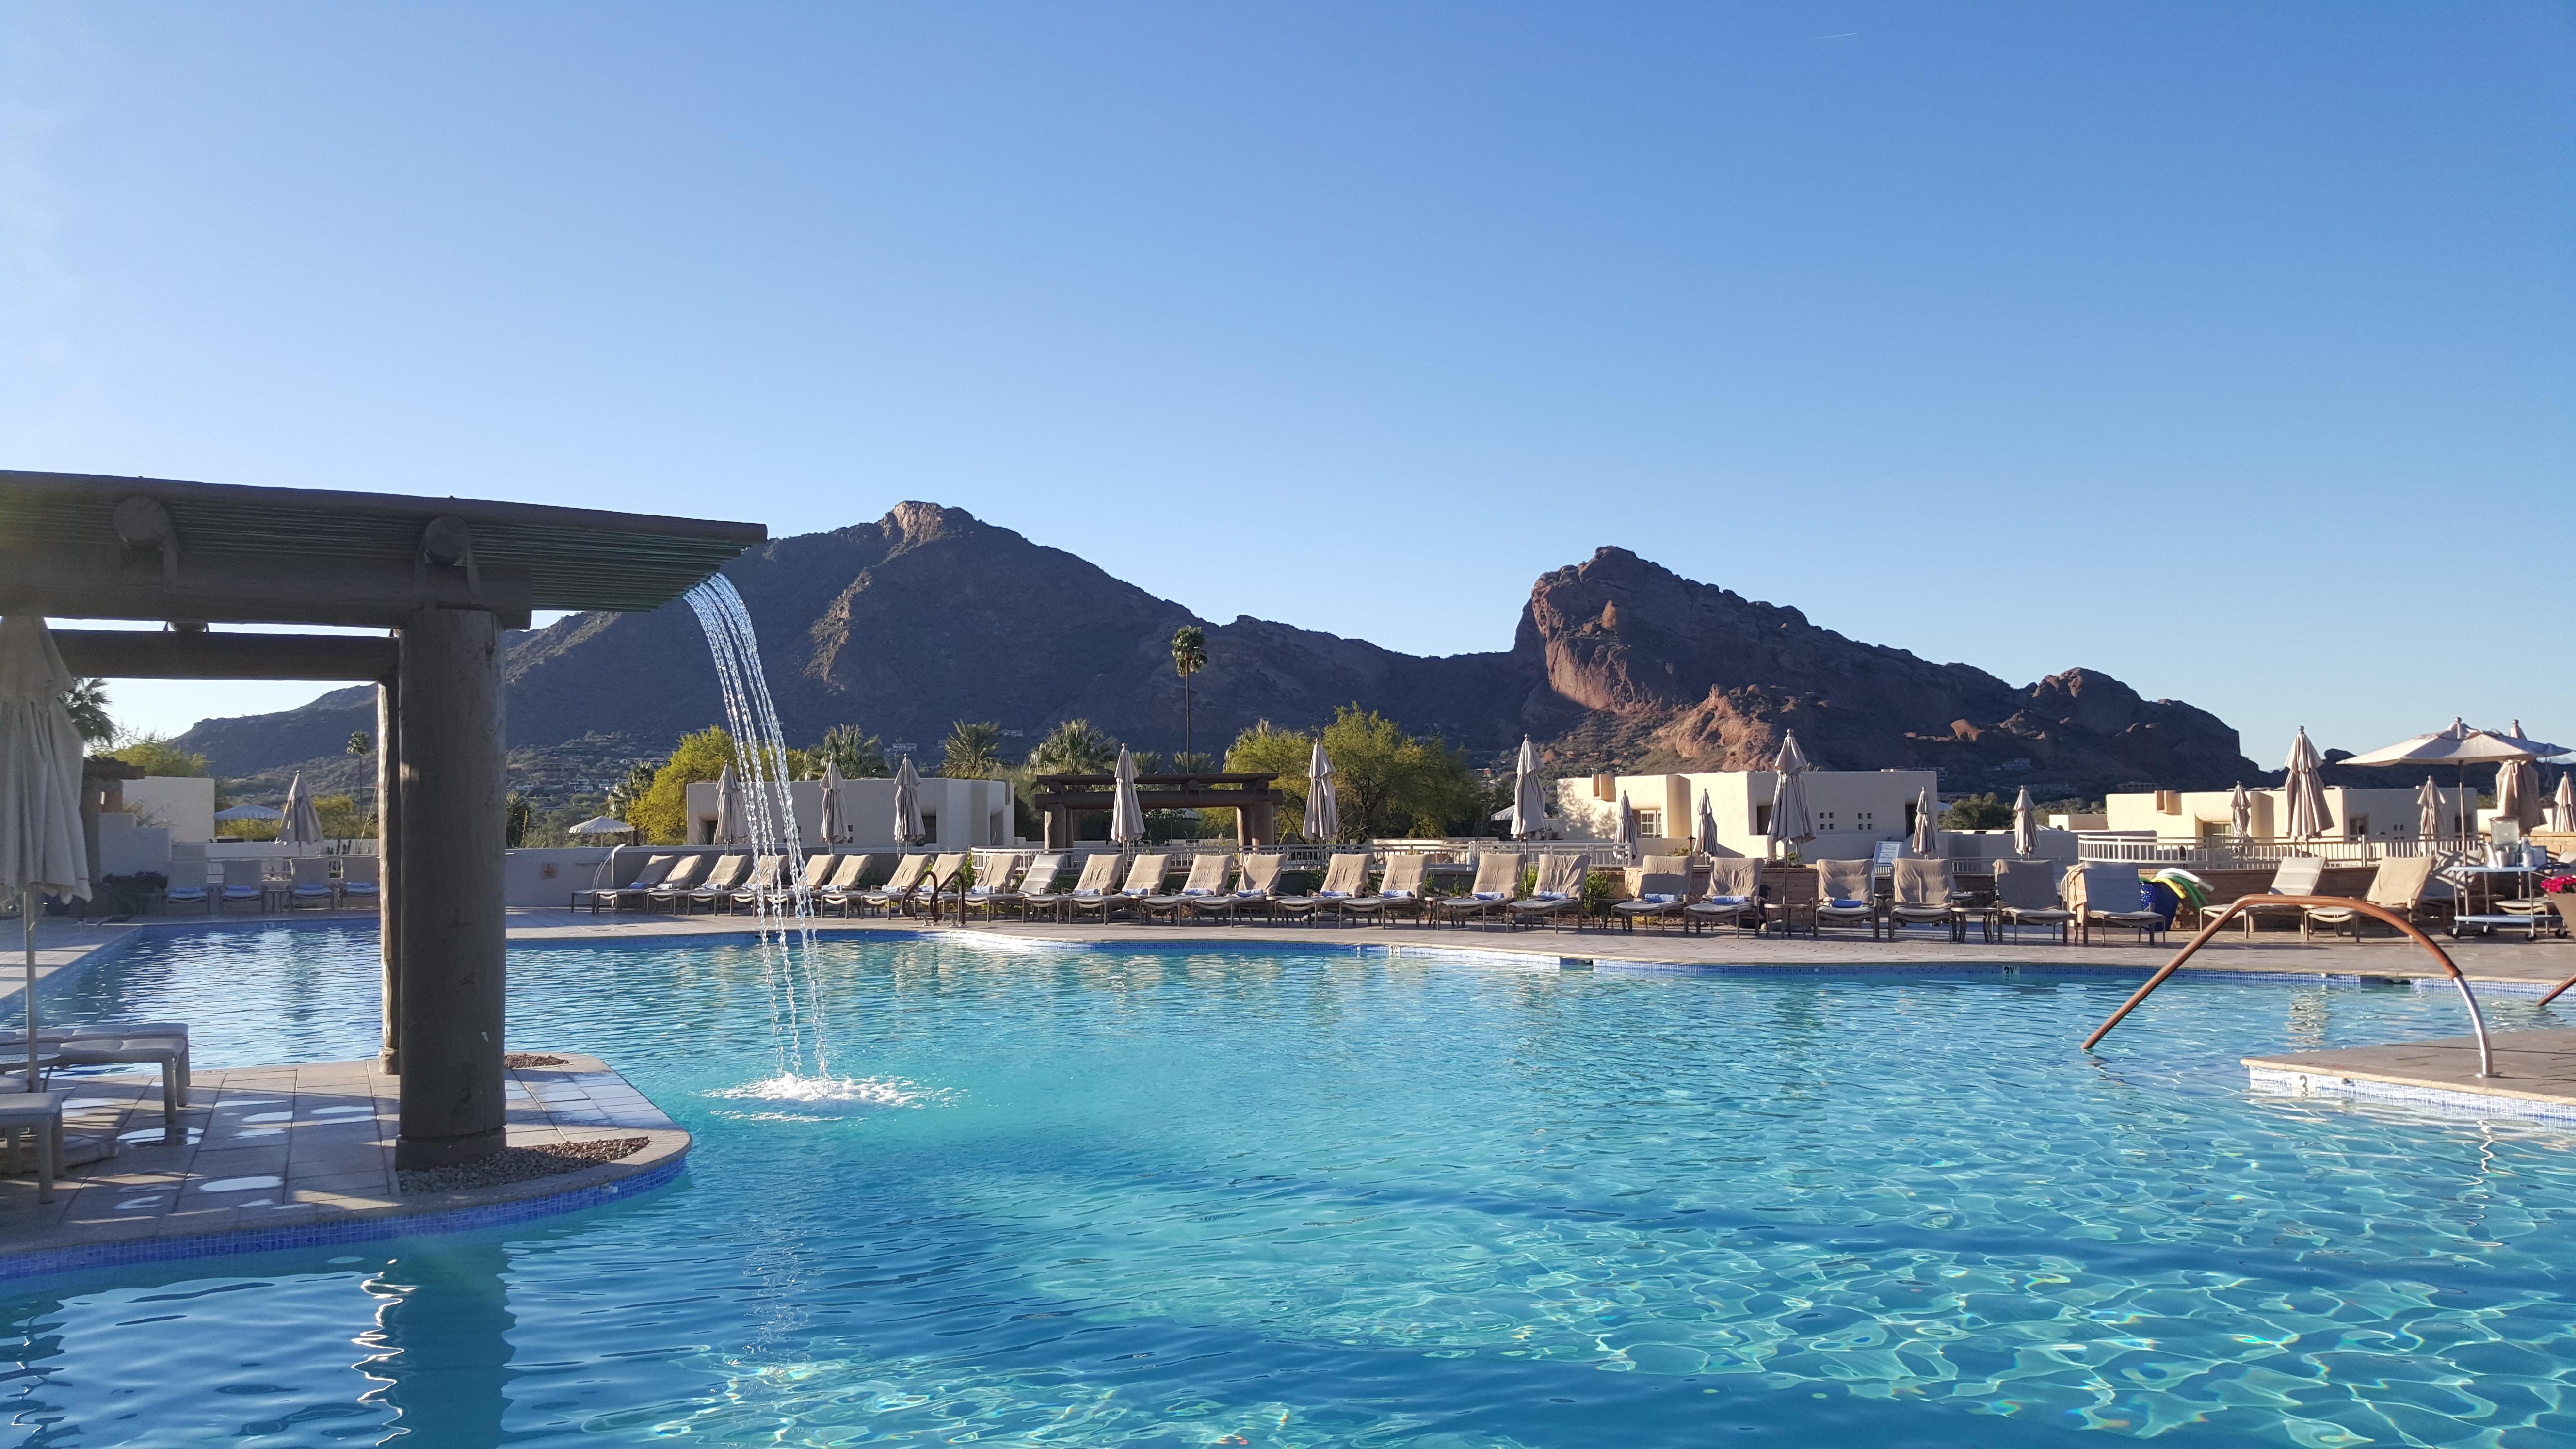 Jw Marriott Scottsdale Camelback Inn Resort Spa Reviews